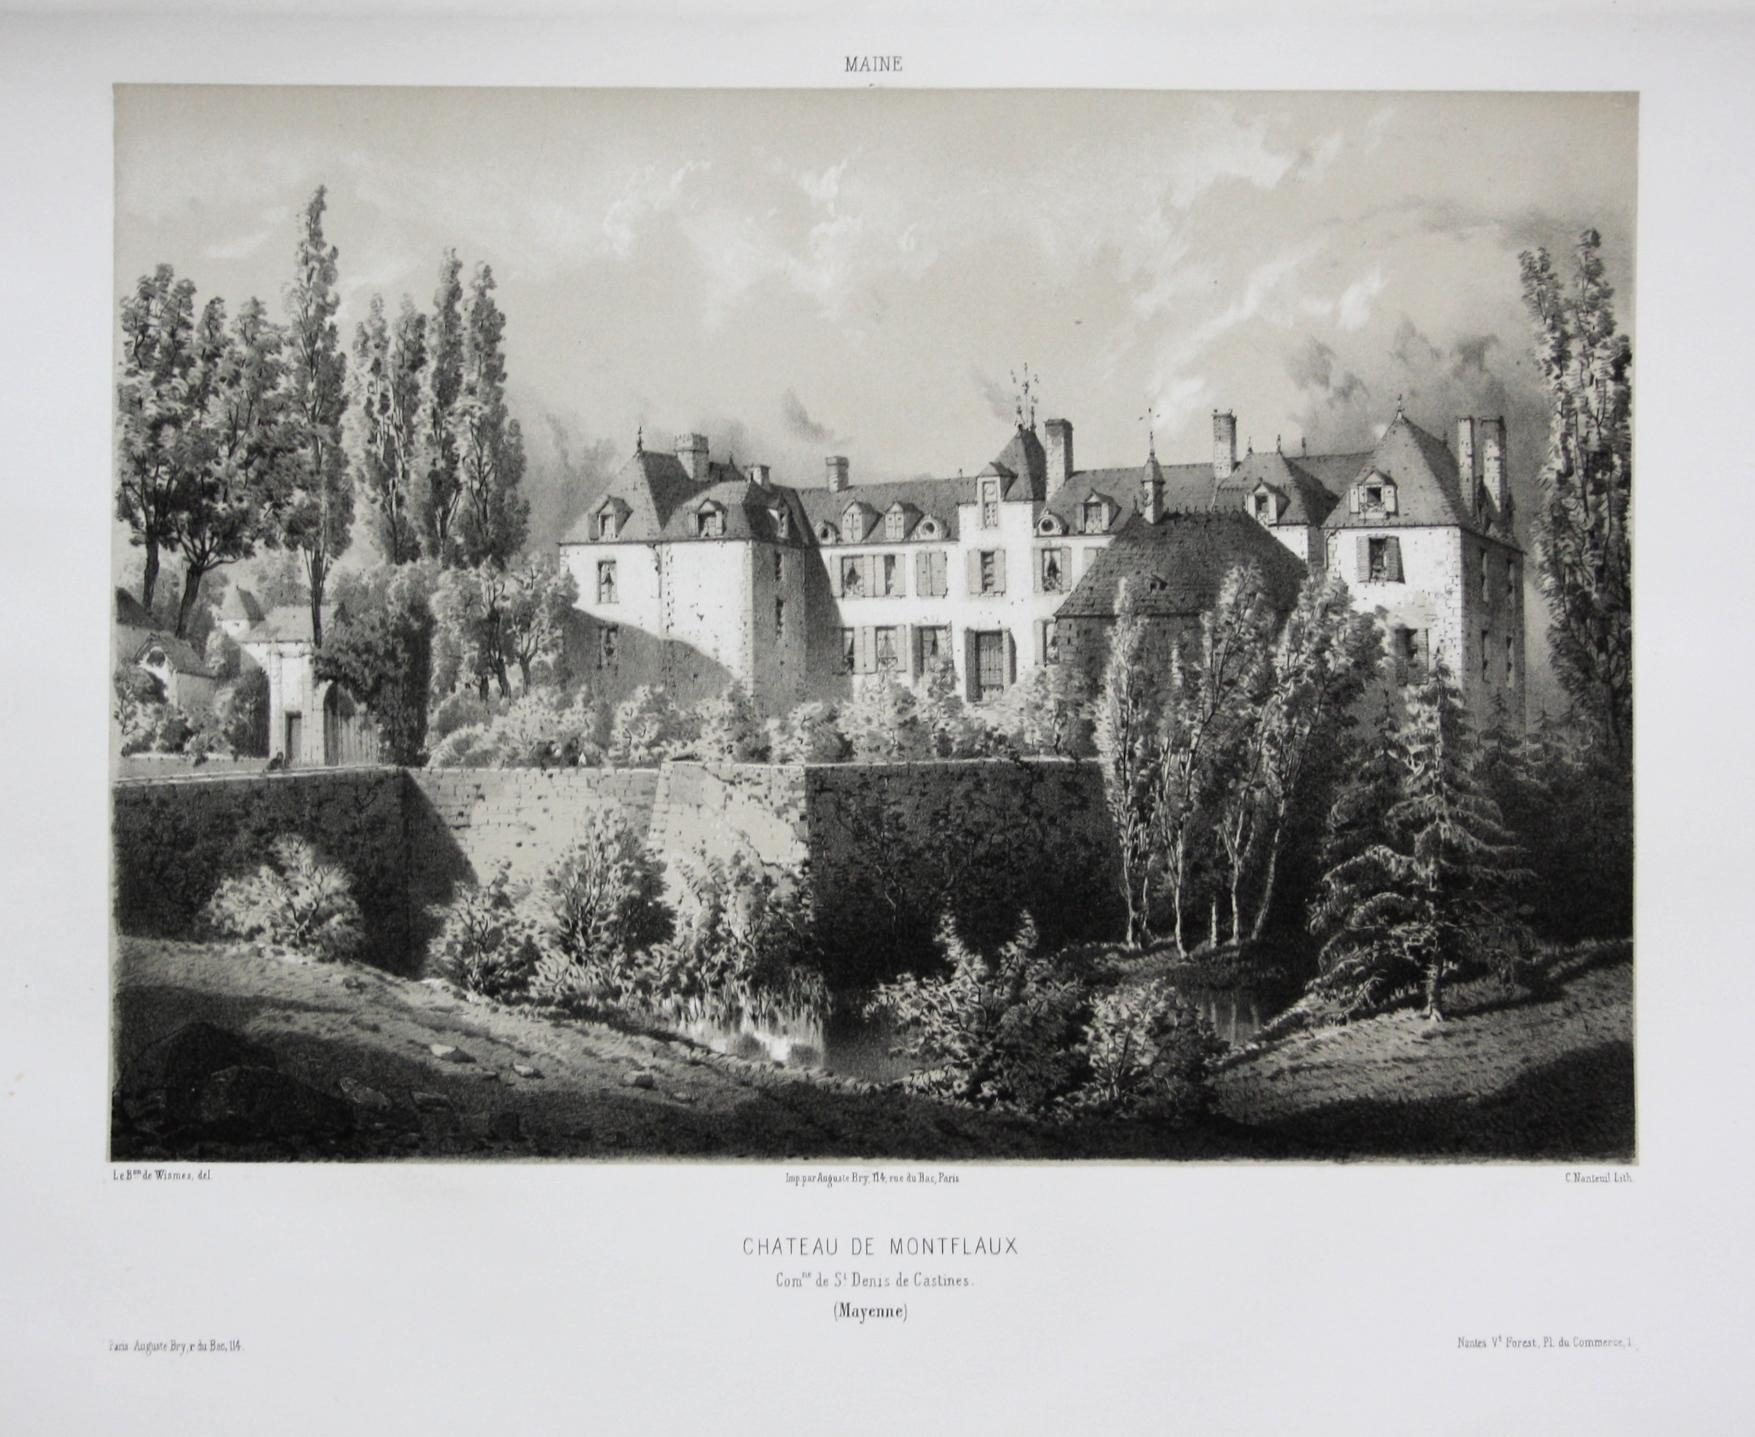 Chateau de Montflaux / Com. de St.: Wismes, Olivier de